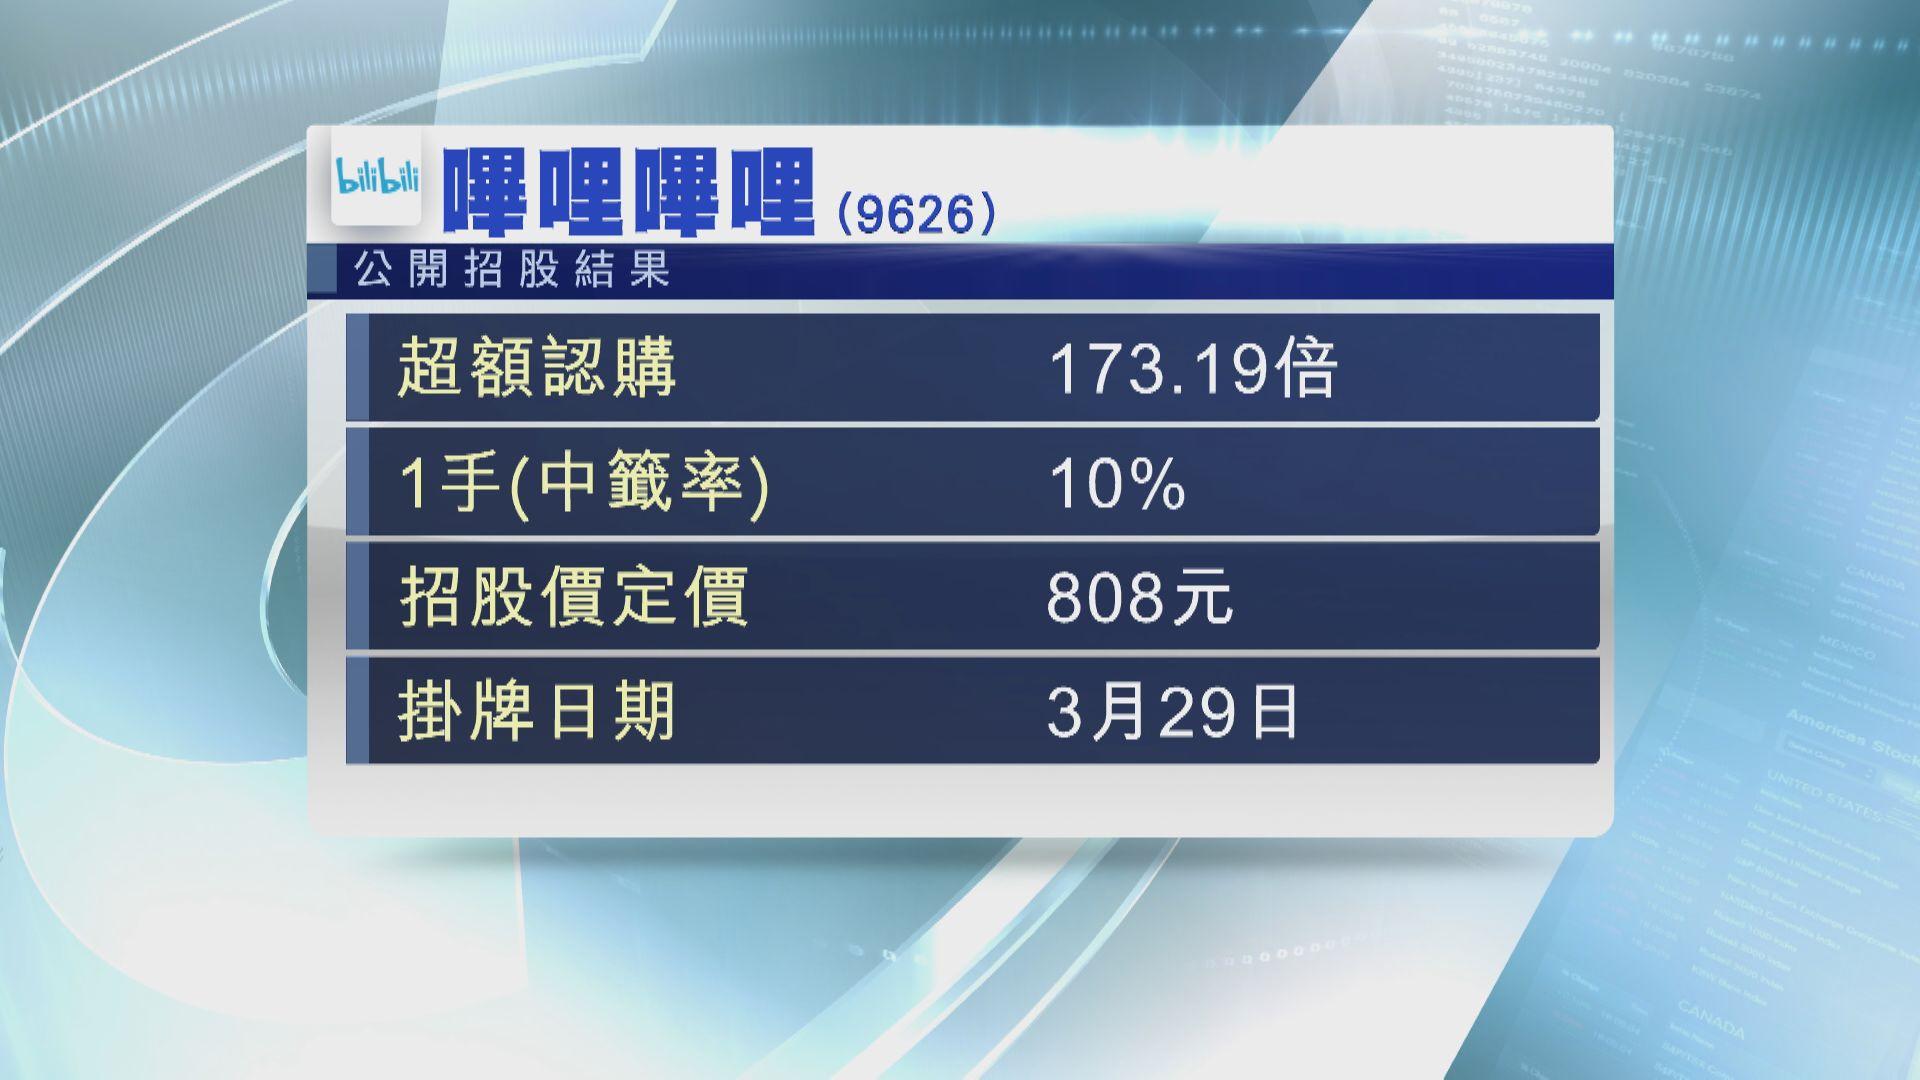 B站超購173倍 一手中籤率10%